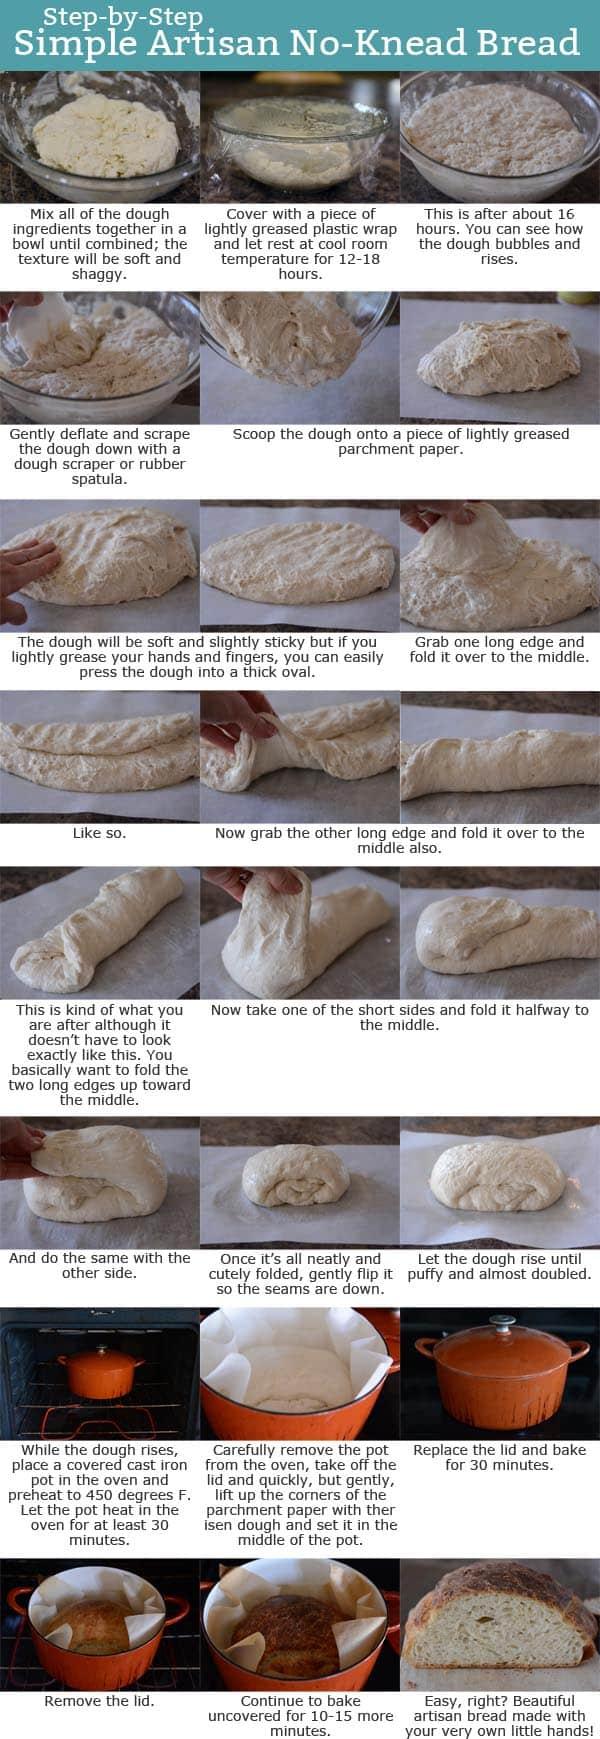 Simple No-Knead Artisan Bread